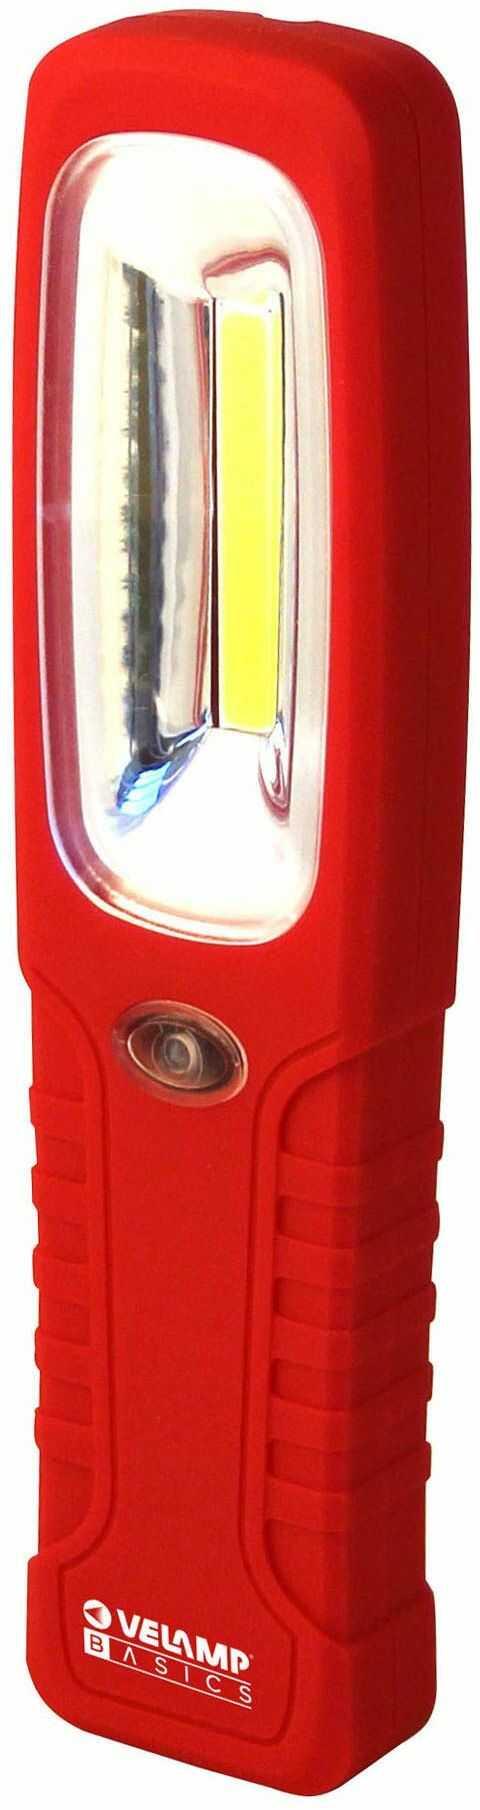 Velamp Super jasne 200 lumenów COB LED oświetlenie robocze. Lampa inspekcyjna. z haczykiem i magnesem do samochodu awaryjnego garażu jaskiń kempingowych polowania, czerwona